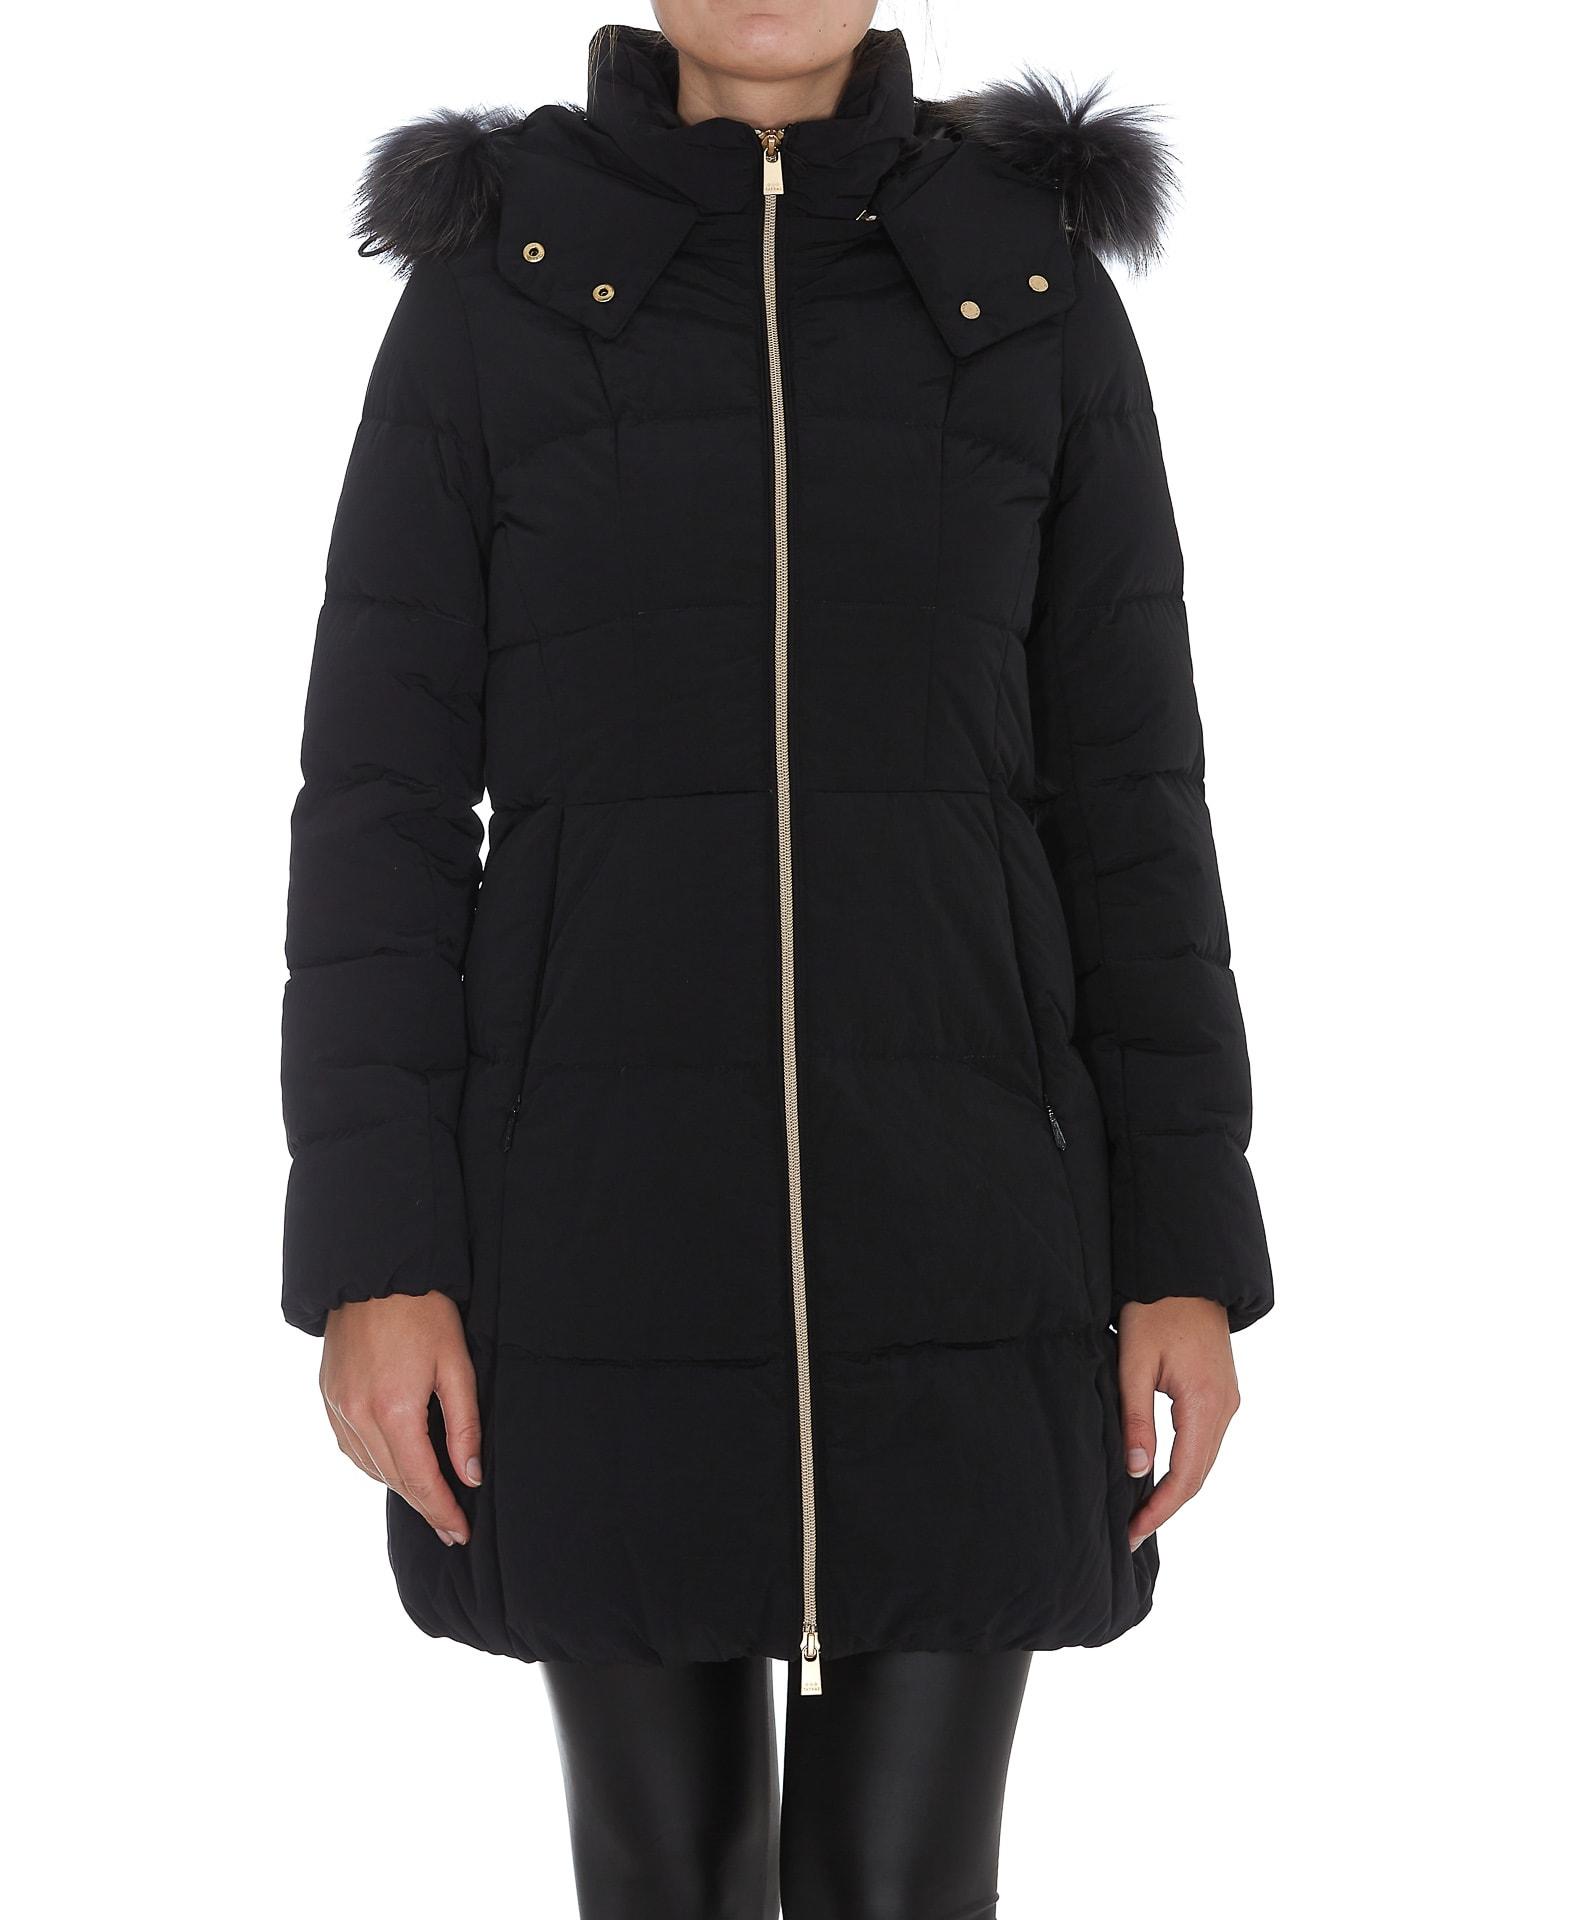 Tatras Jilda Down Jacket In Black